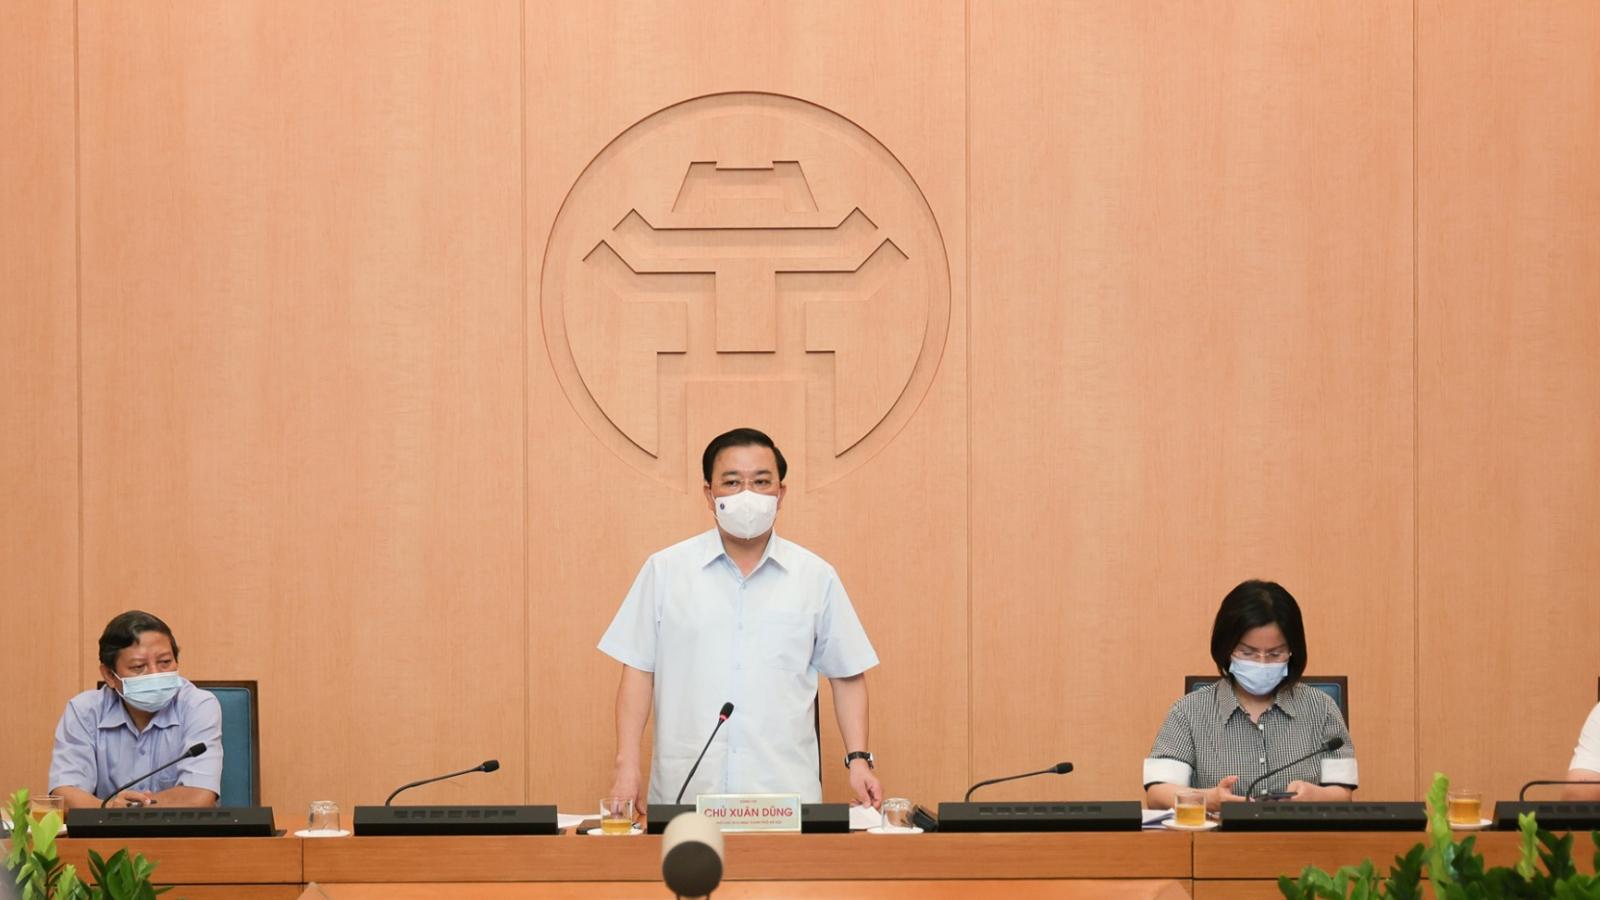 Hà Nội yêu cầu người dân hạn chế tập trung đông người tại nơi công cộng